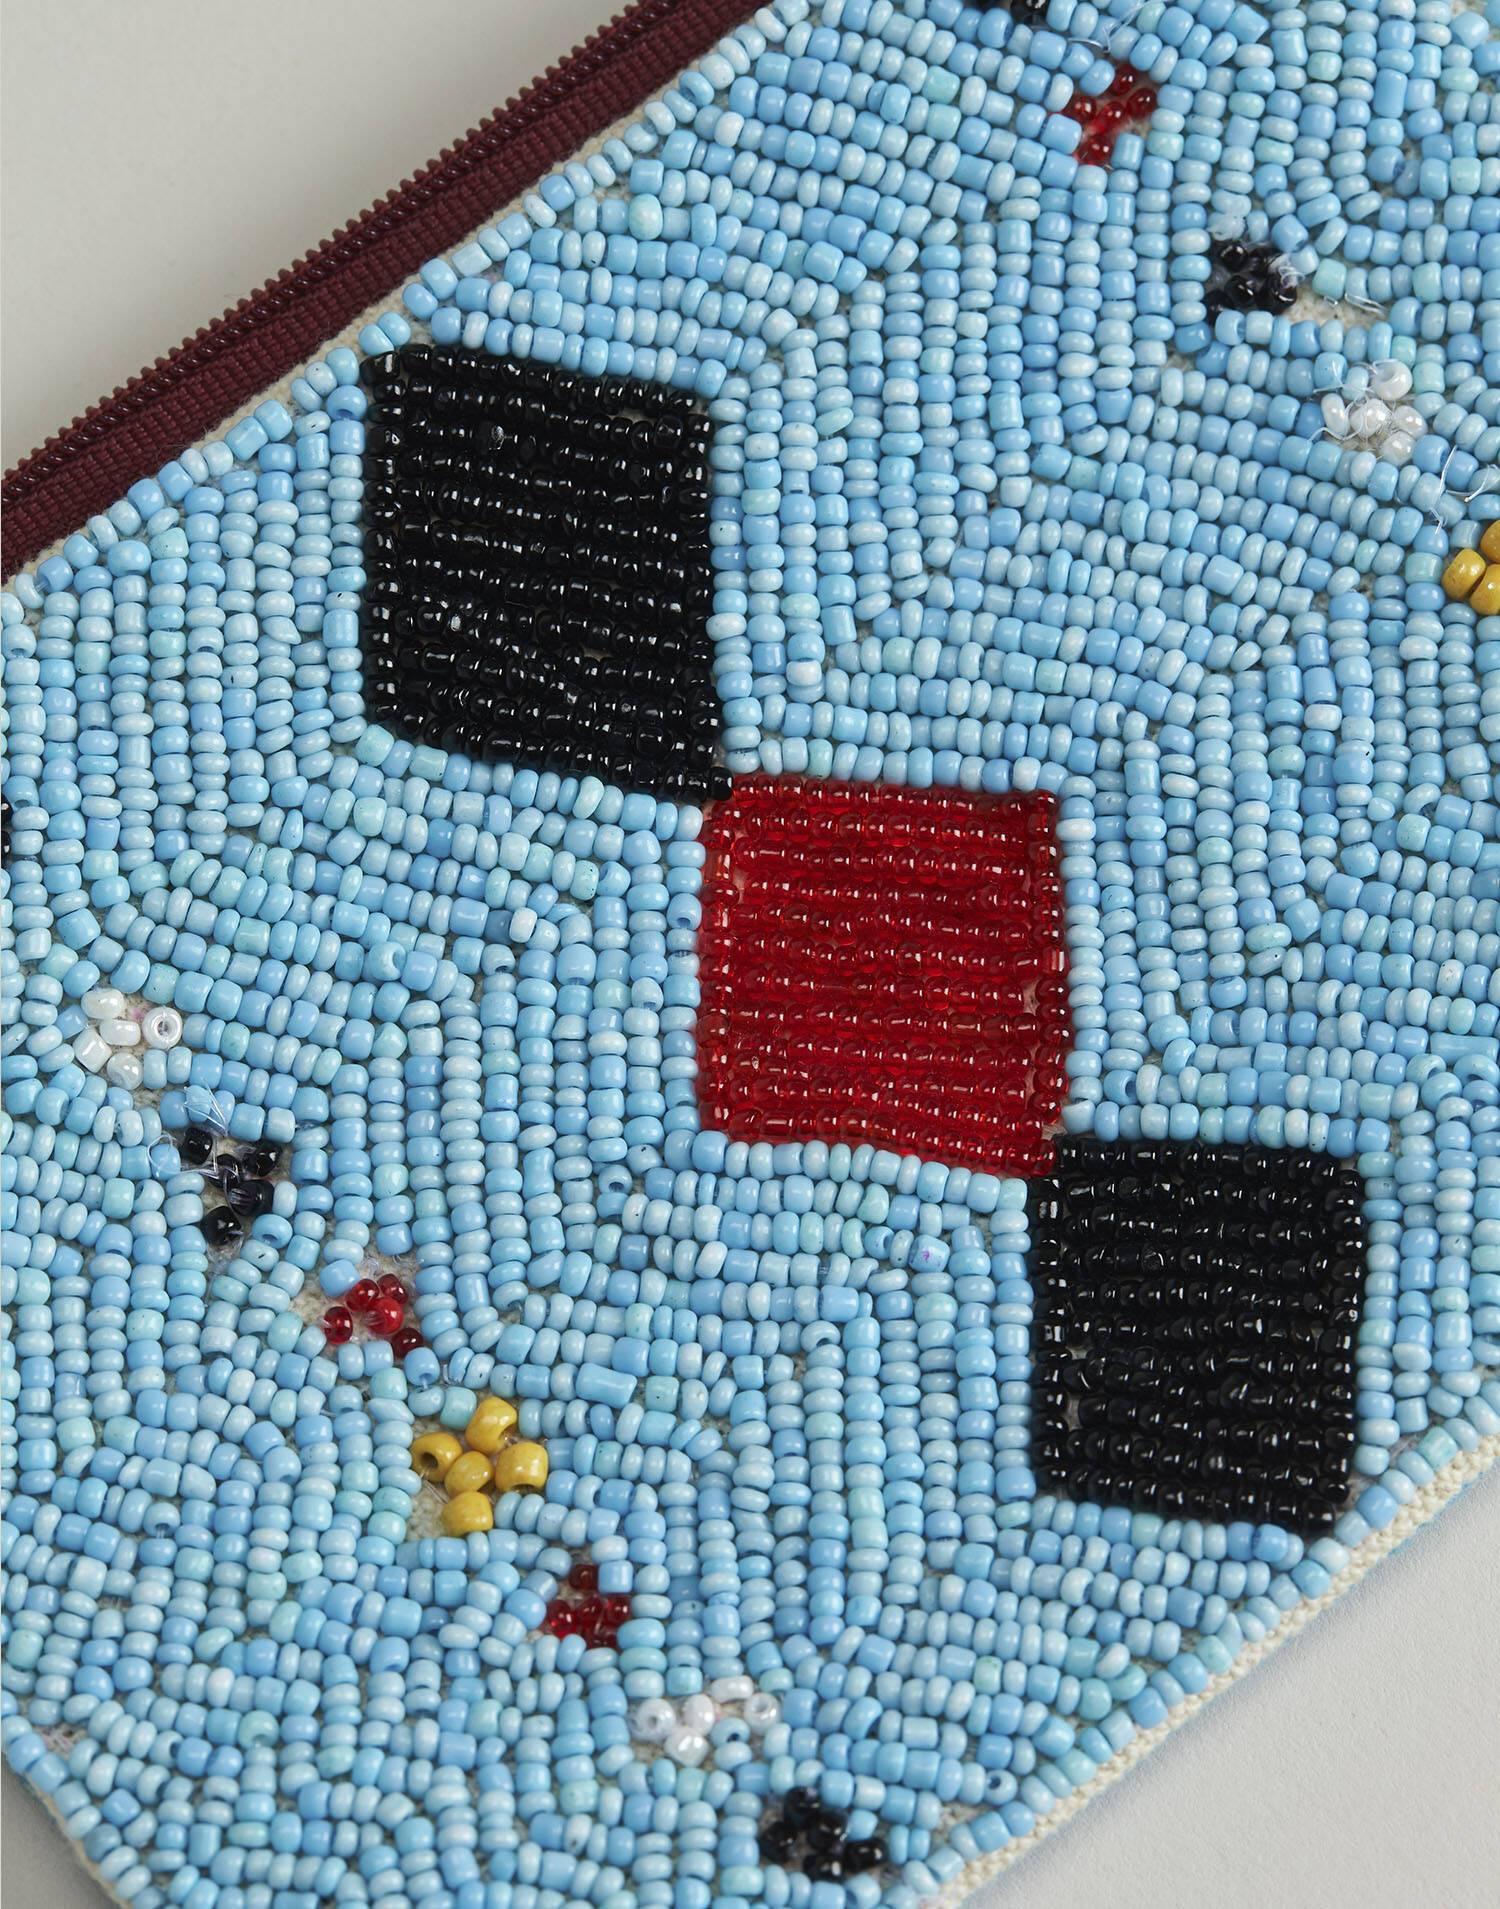 Monedero beads cristal